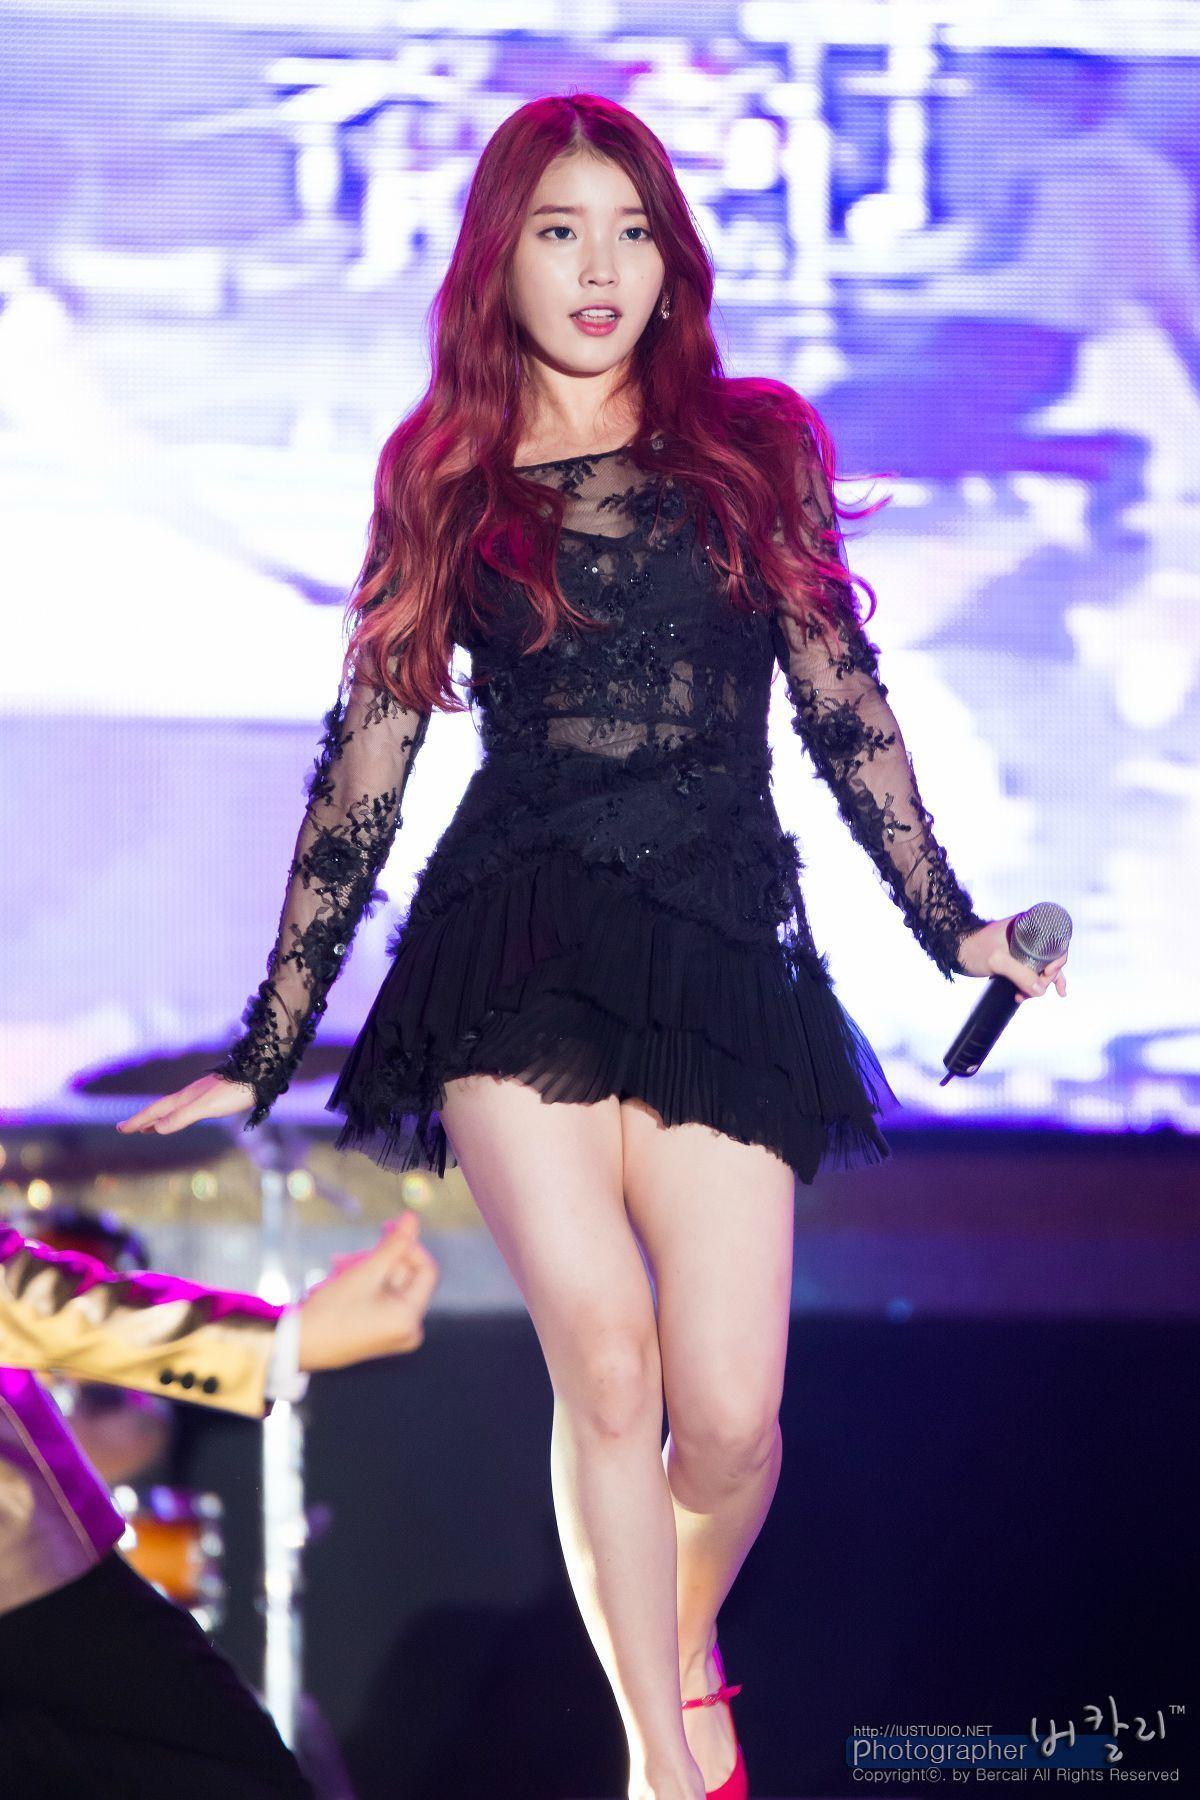 아이유 sexy Top 10 Sexiest Outfits Of IU - 1. Black lace dress with see through arms  and stomach.